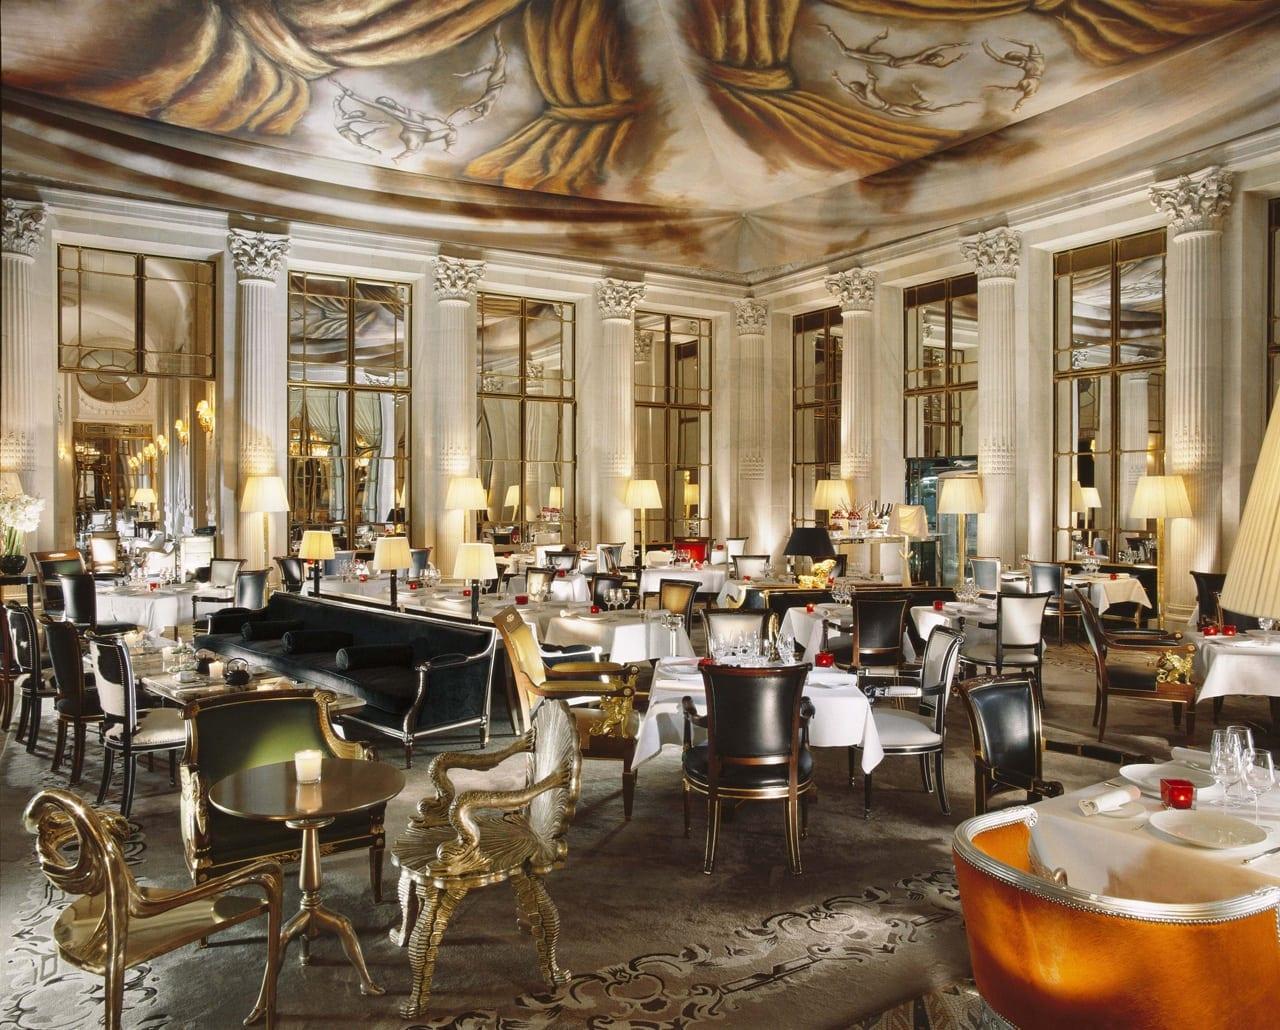 H6380 27275791 Le Dali by Guillaume de Laubier - Le Meurice, Paris - Romantism, opulență și lux